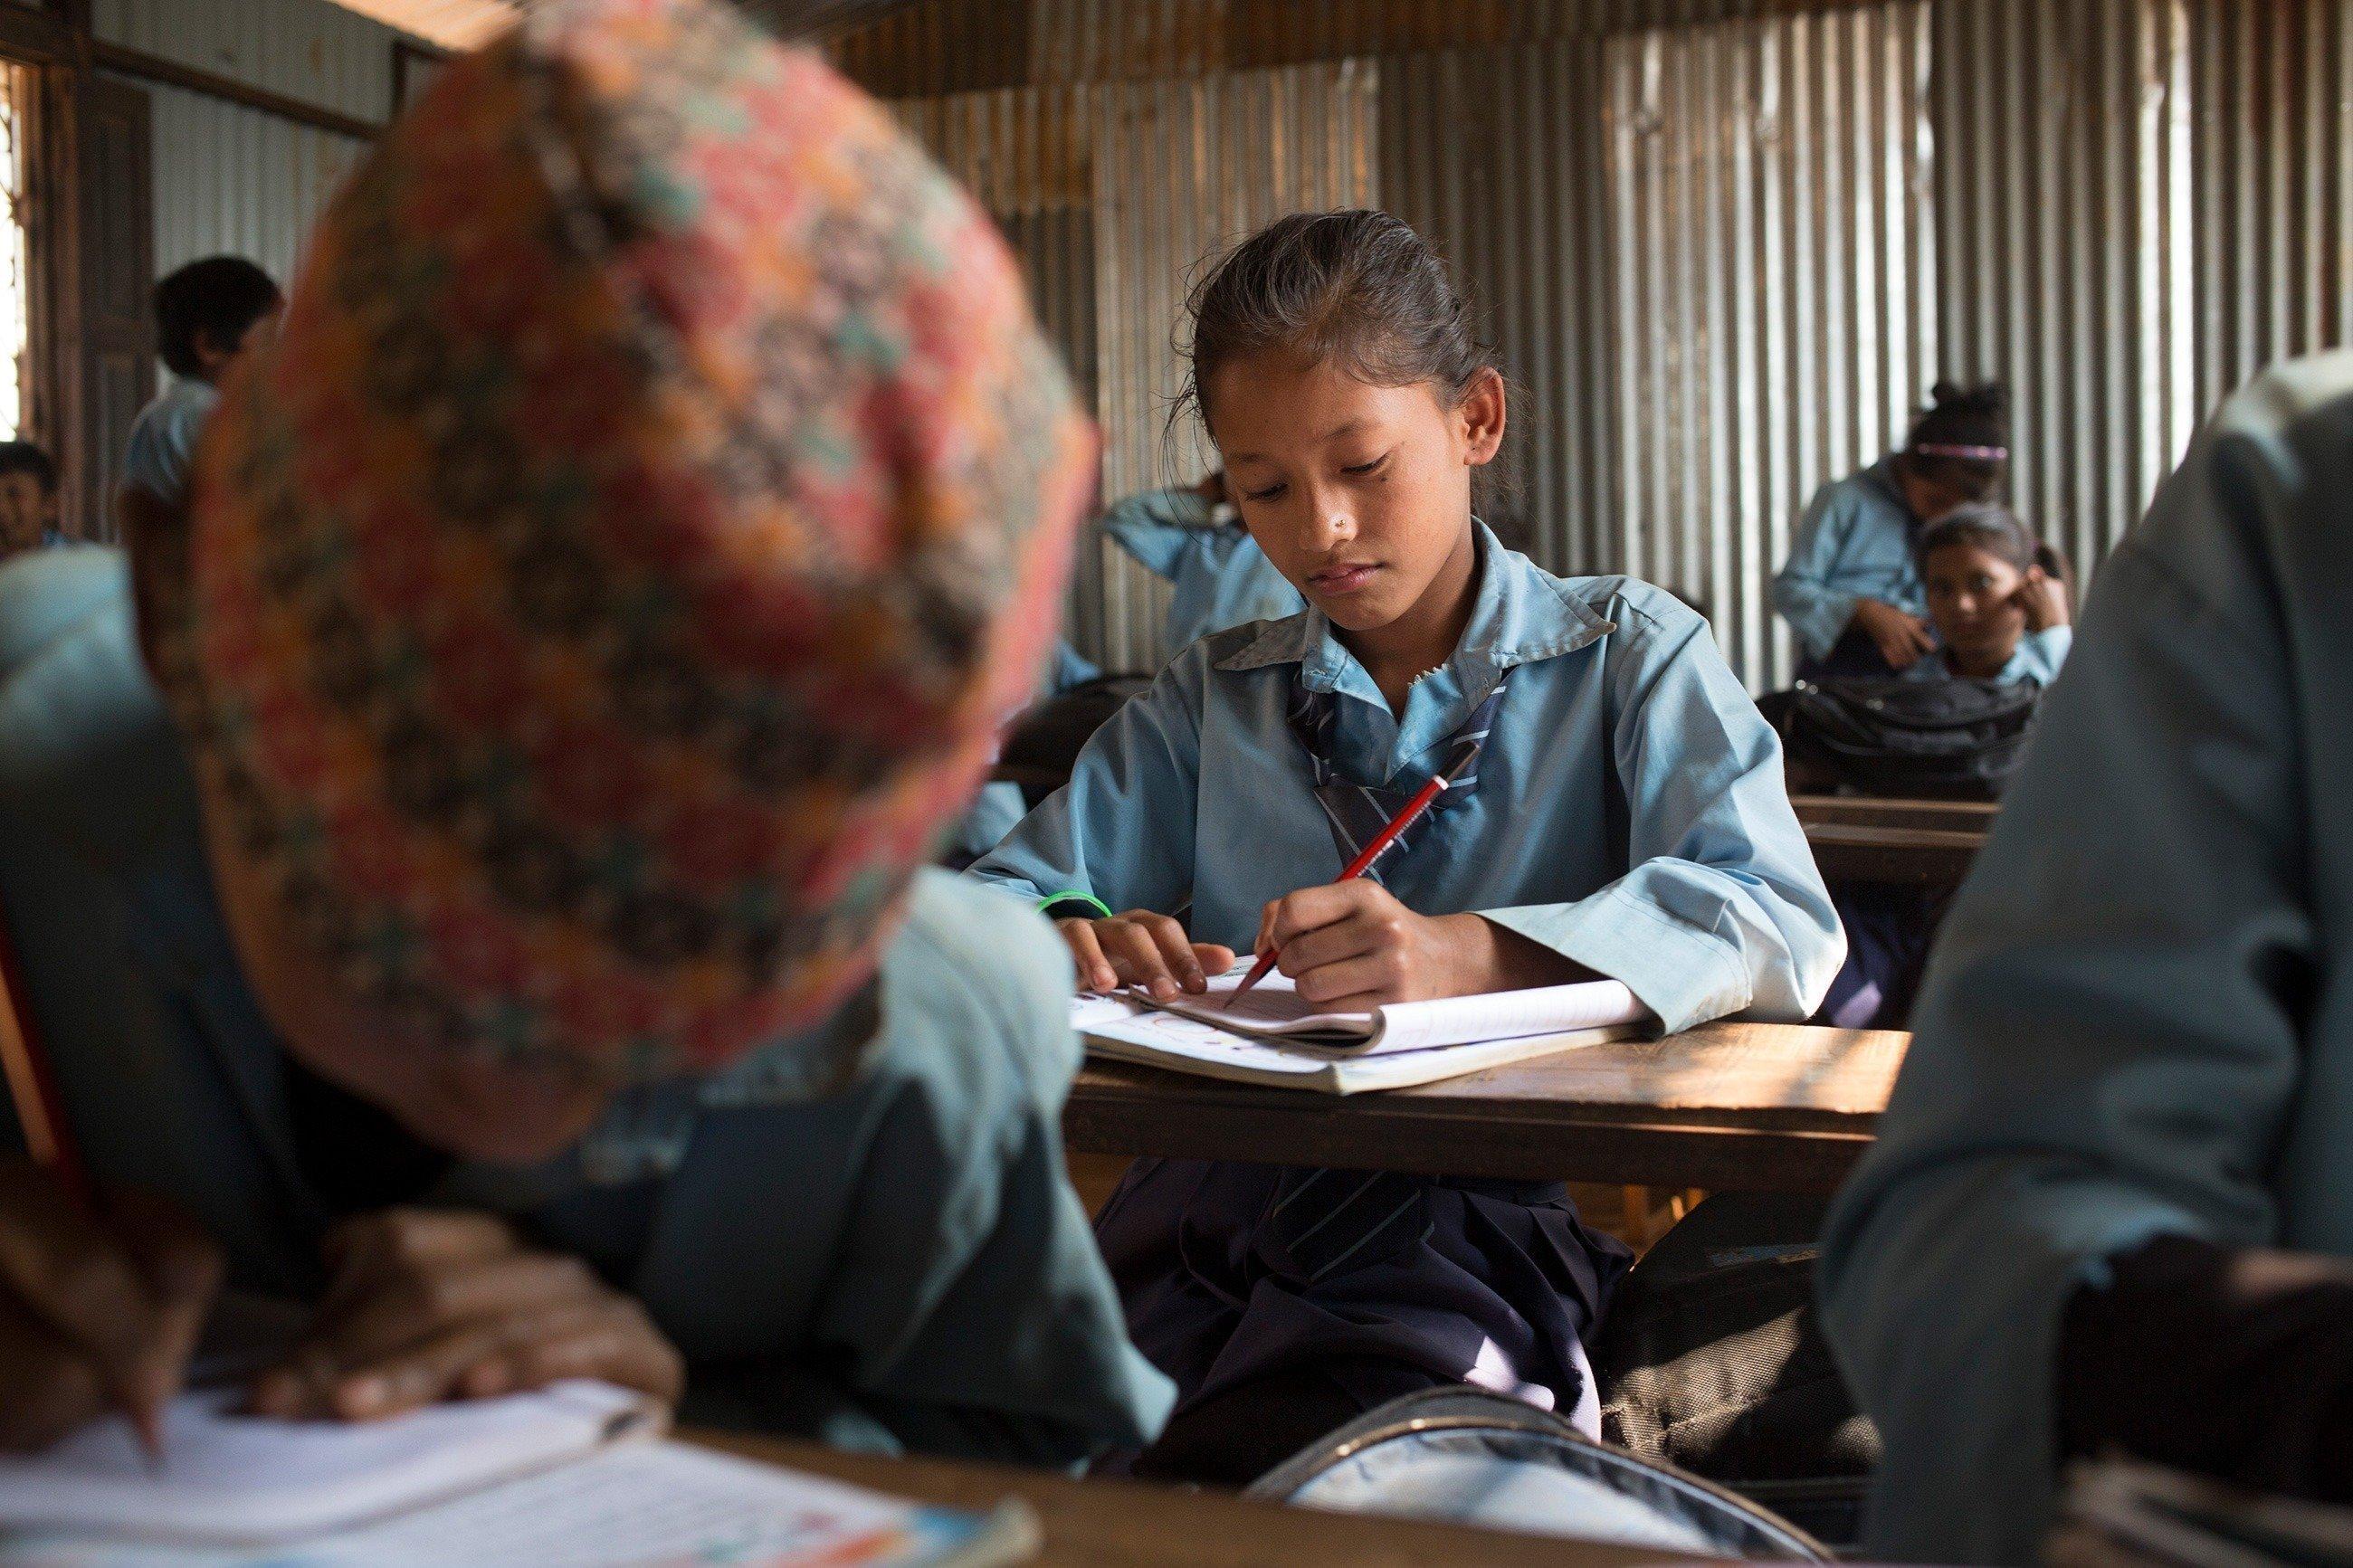 Bambina nepalese siede a scuola e scrive nel proprio quaderno.